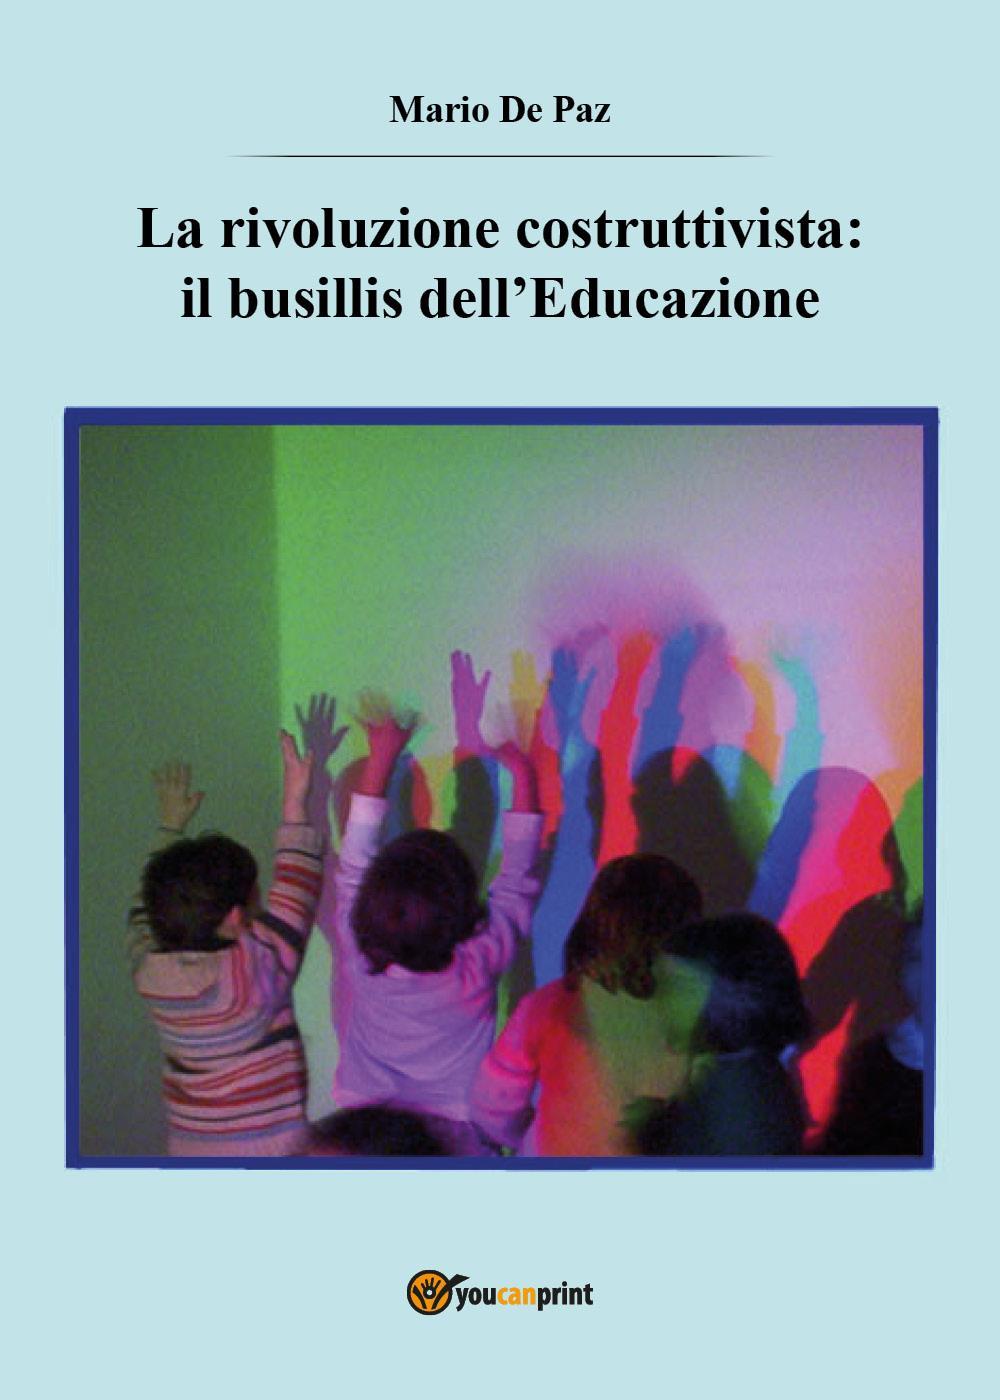 La rivoluzione costruttivista: il busillis dell'Educazione